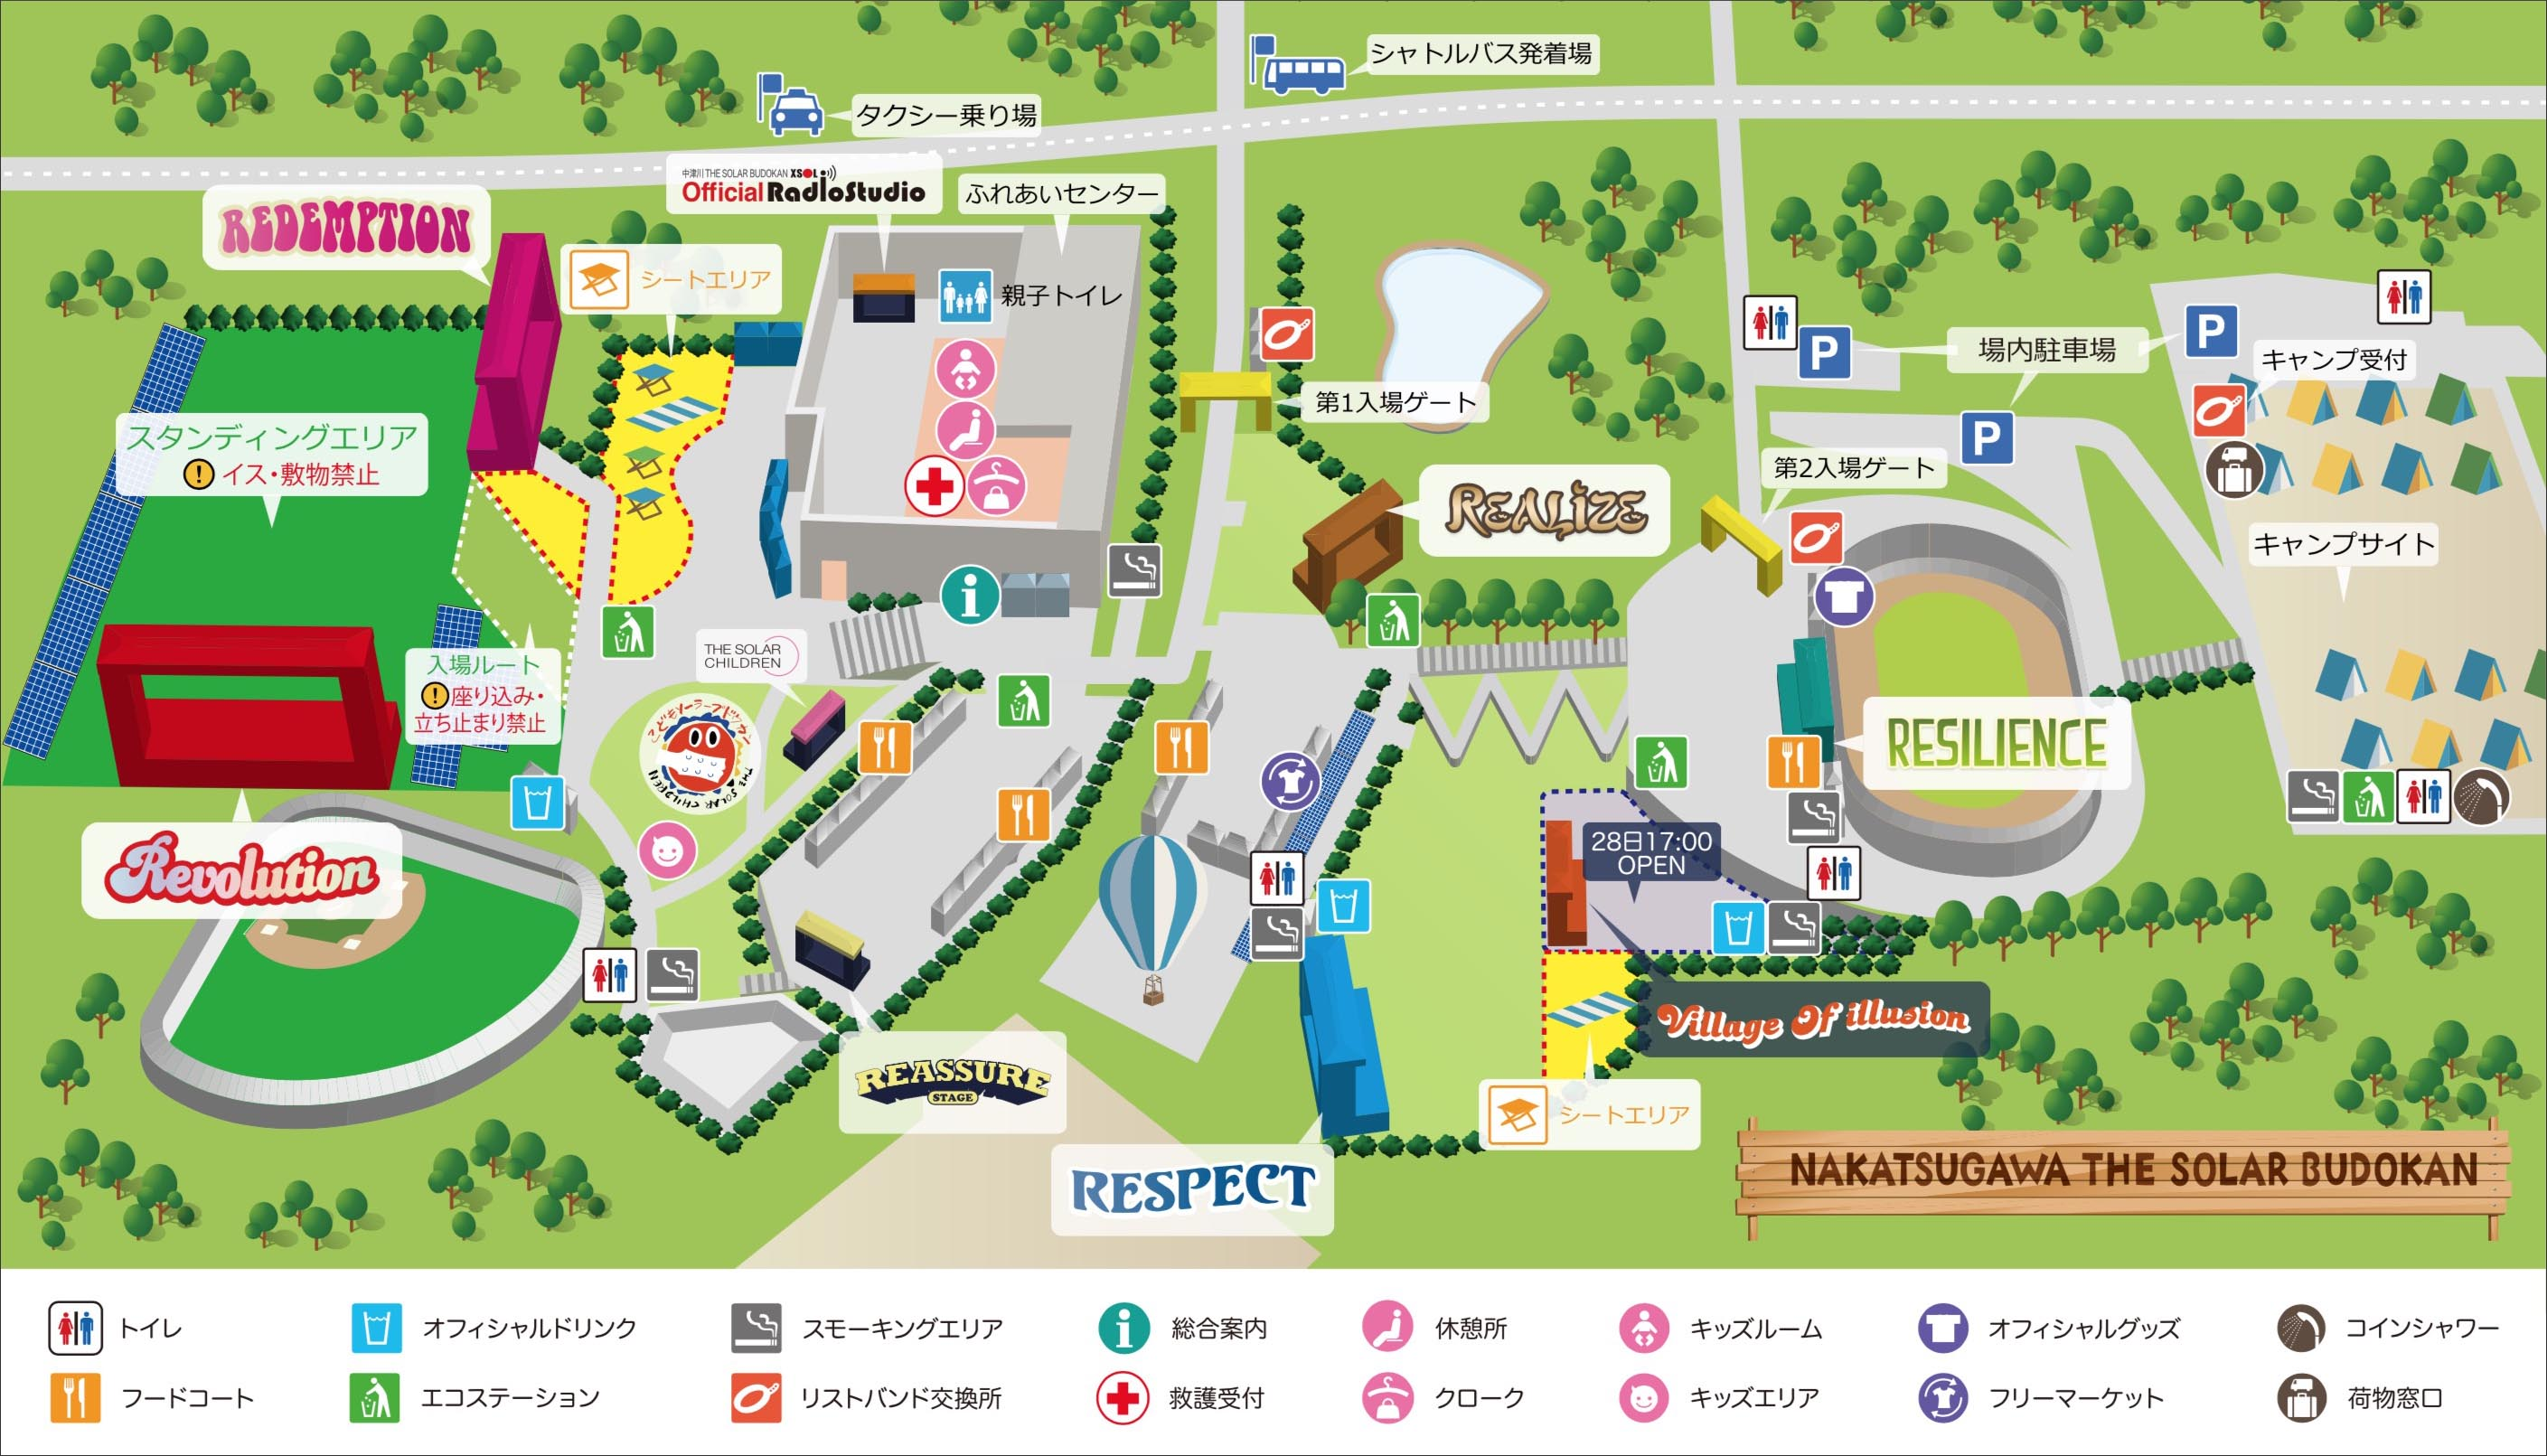 中津川ソーラーフェス会場マップ